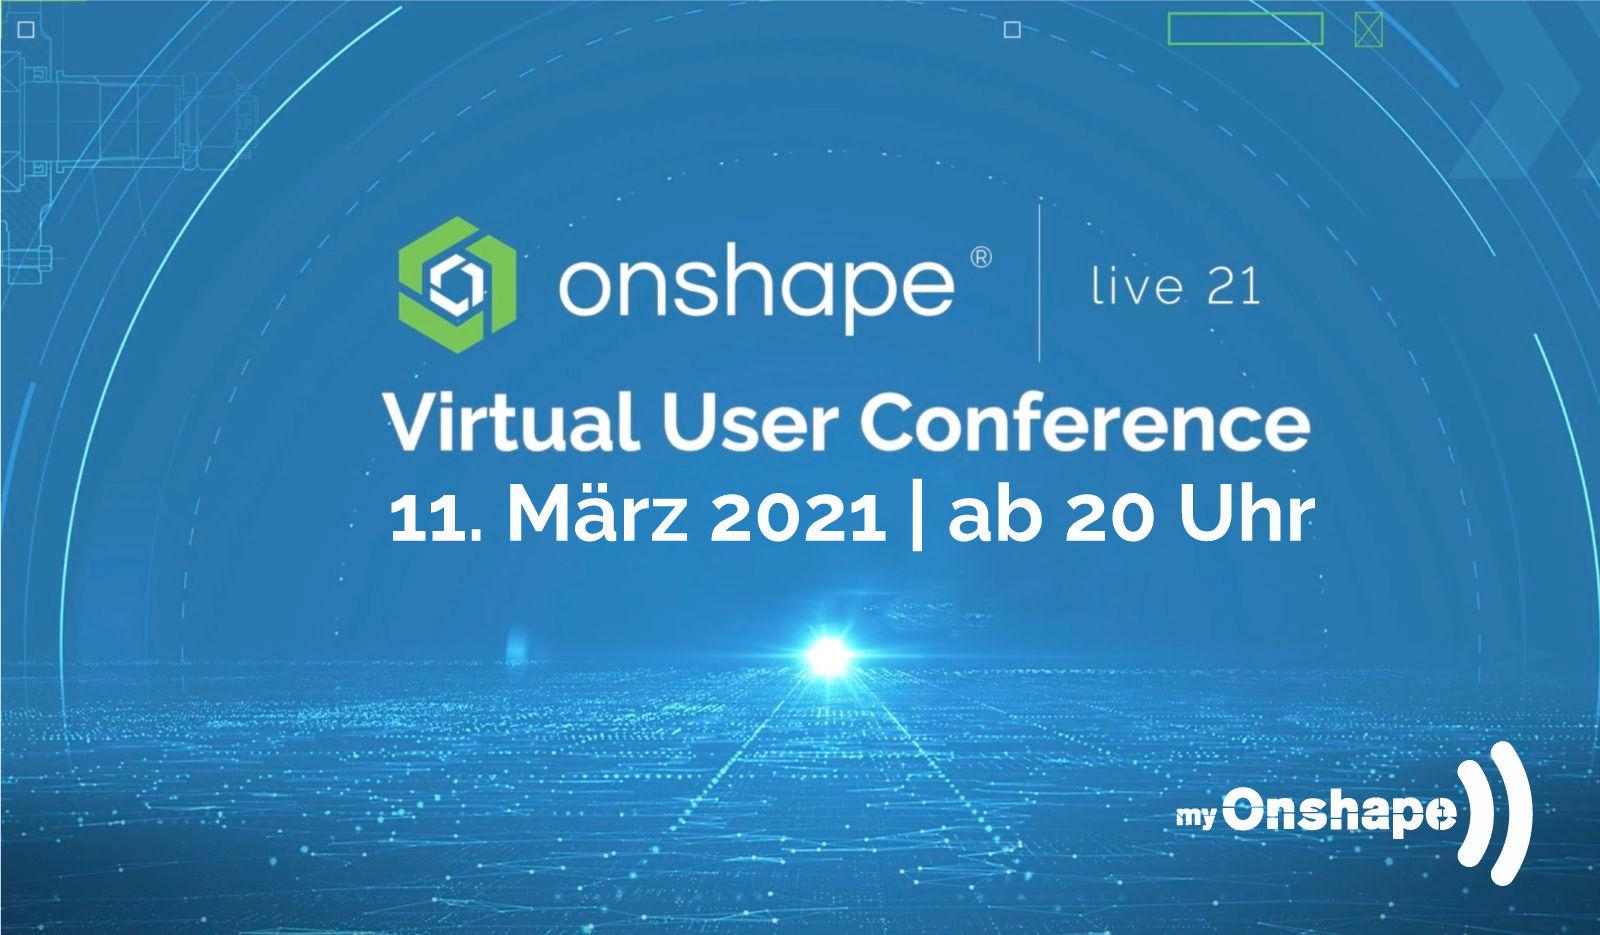 Onshape live 21 - Anwender Konferenz